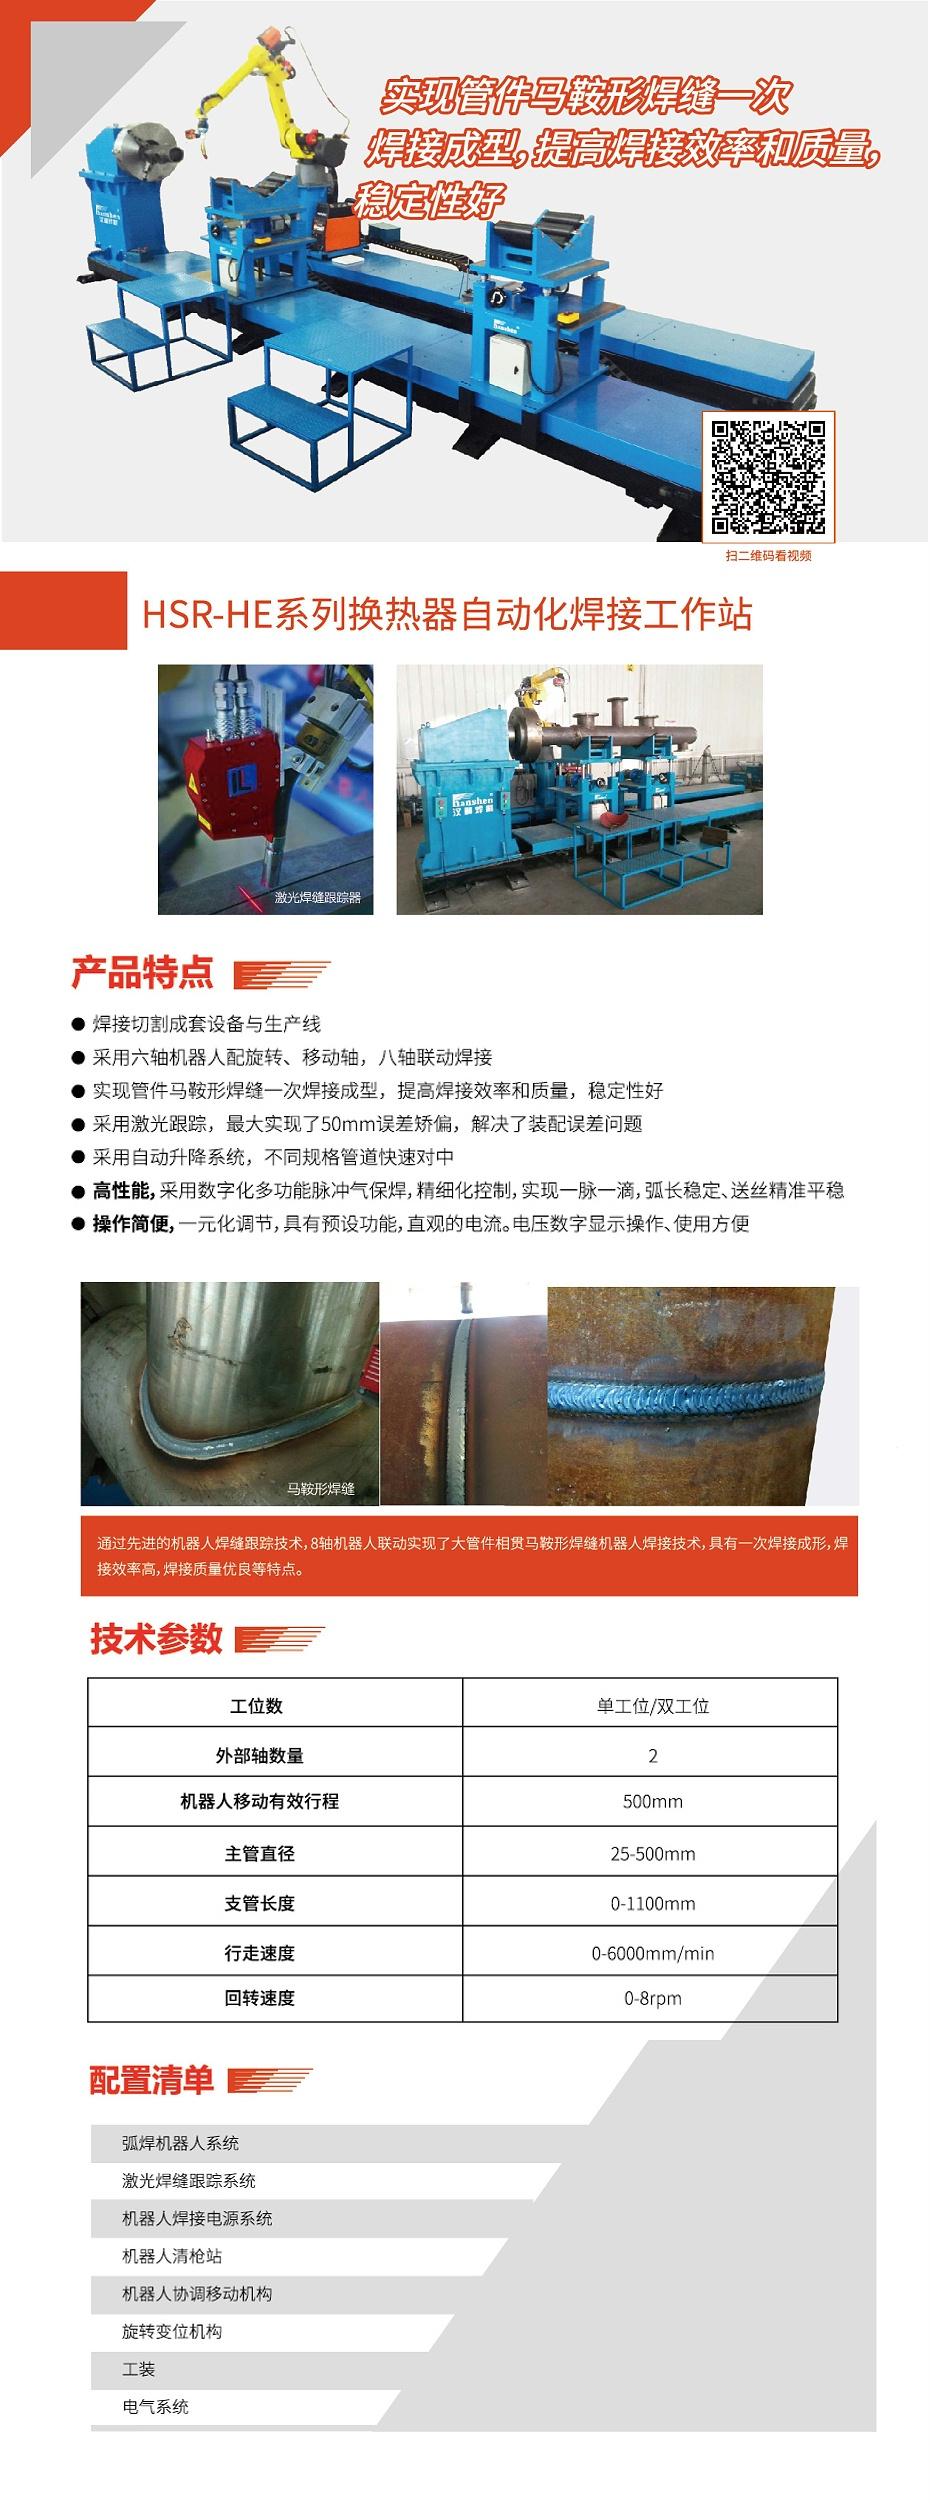 胡-马鞍形焊接生产线 (3)